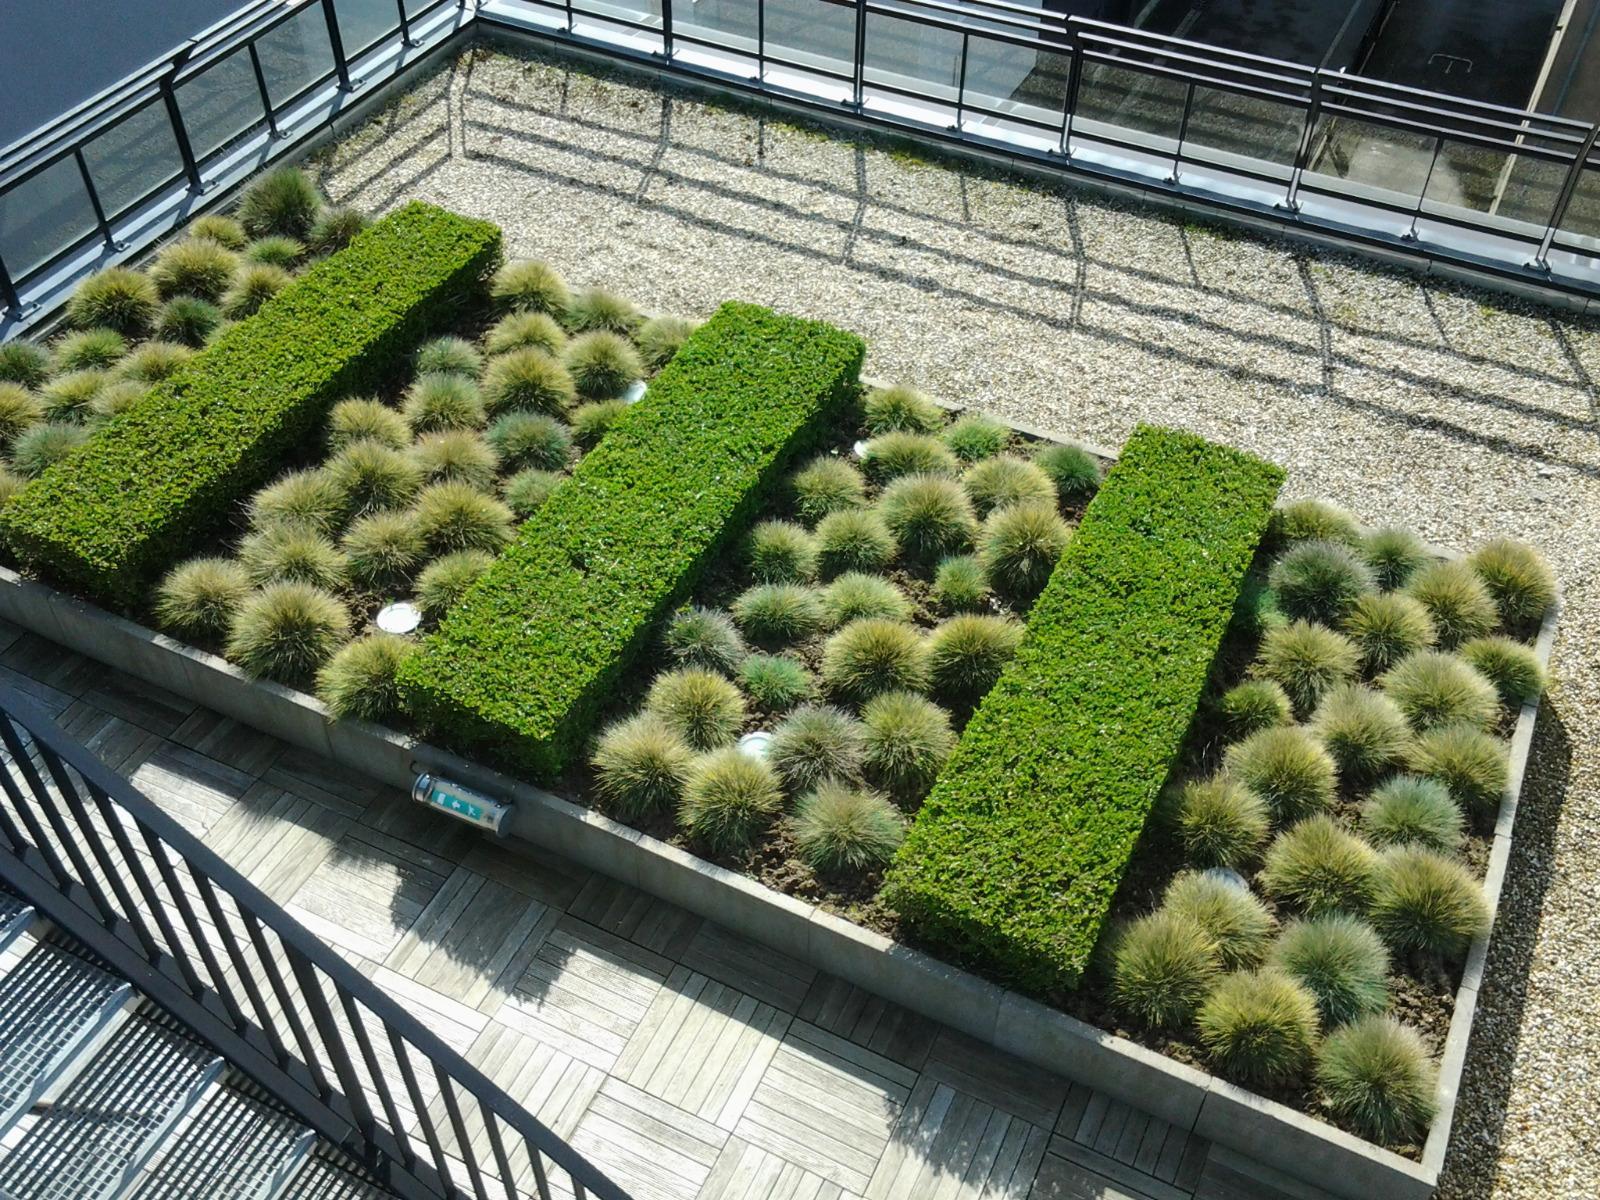 Paysagiste Nantes Avis photos laurent piat jardinage paysage, près de nantes